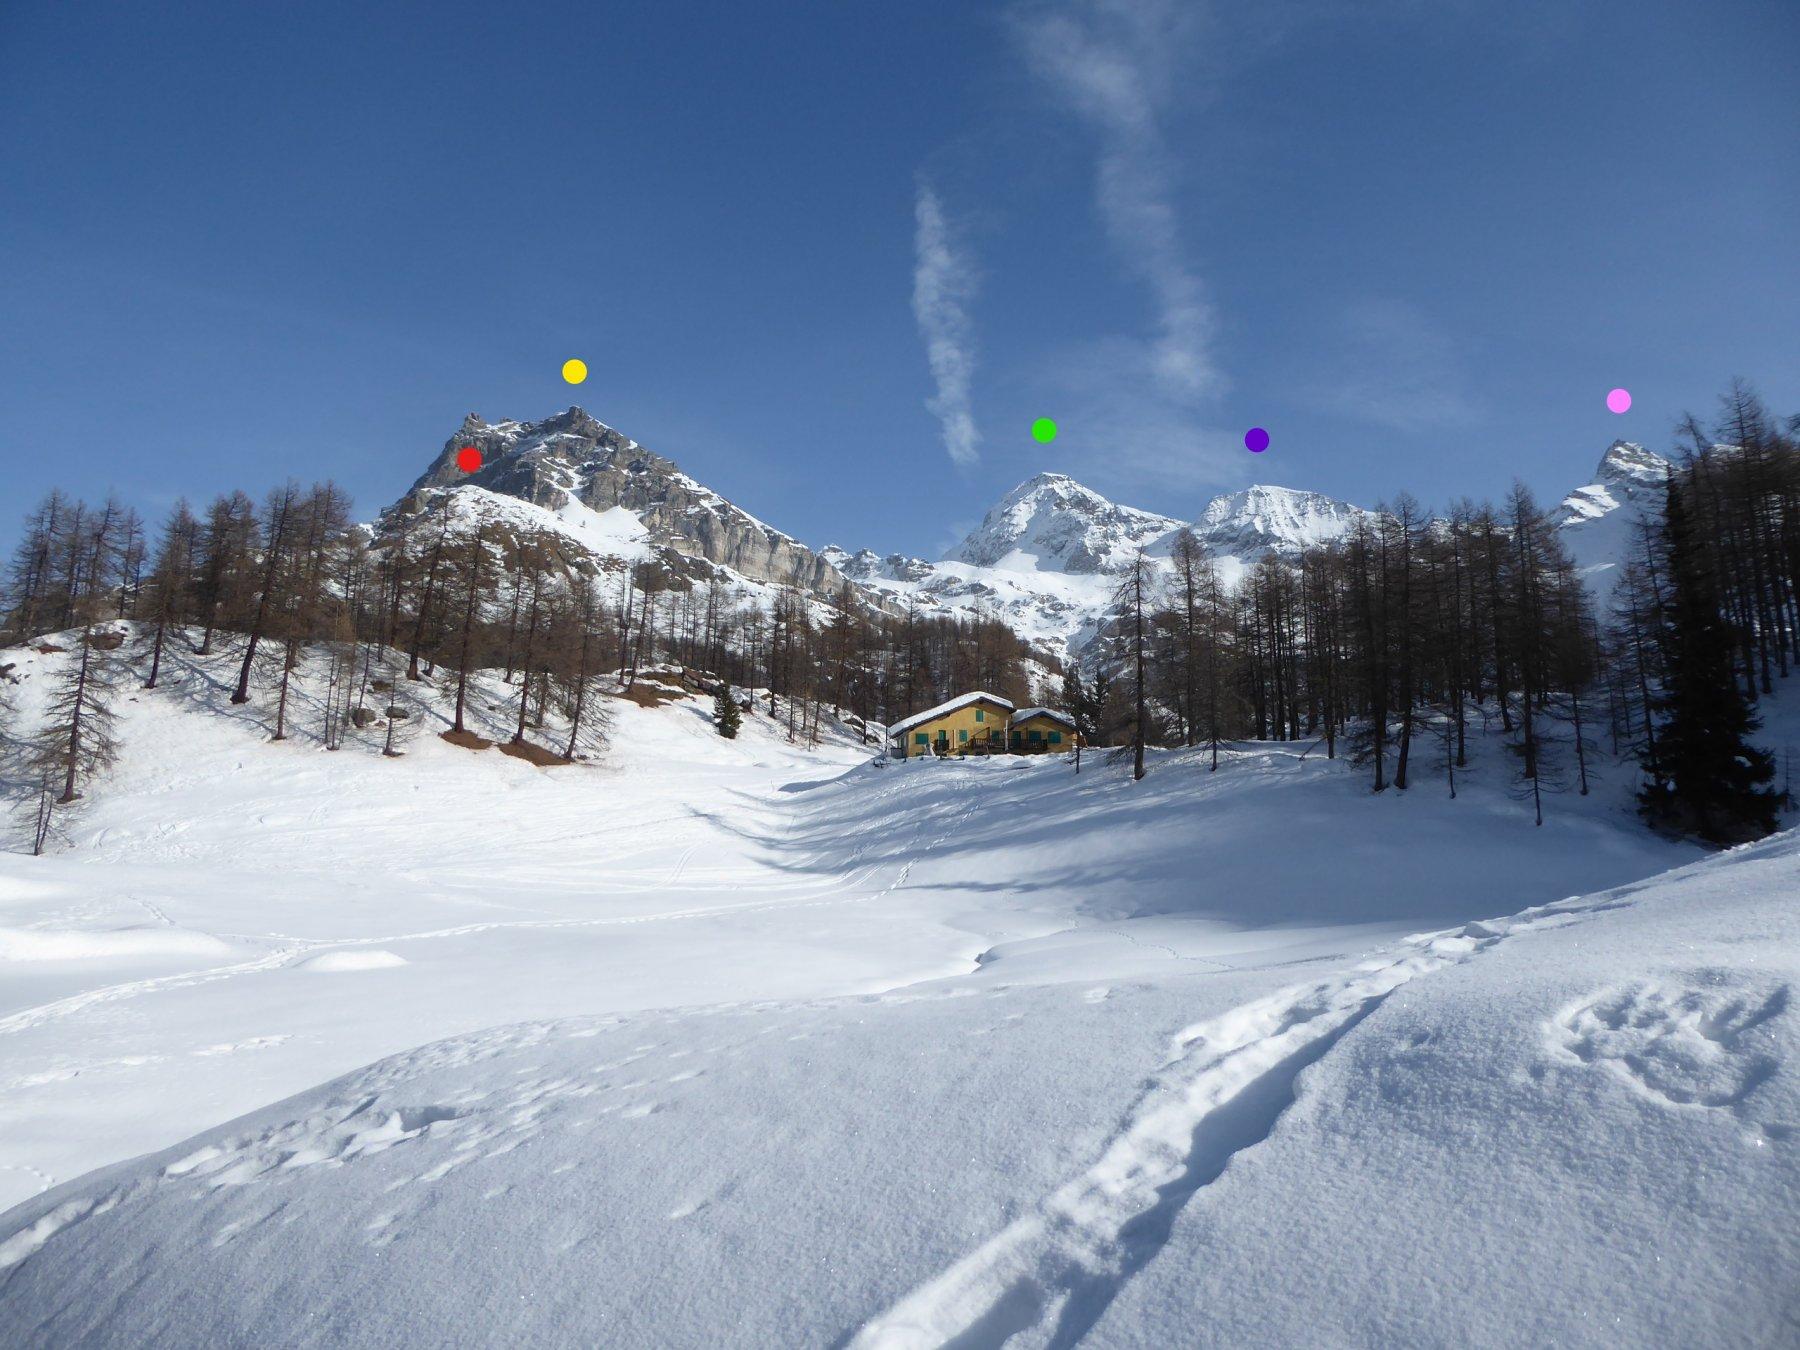 Da sinistra: Molar (rosso), Becca d'Aran (giallo), Gran (verde) e Petit (viola) Tournalin e Trecarè (rosa) lungo la strada del ritorno